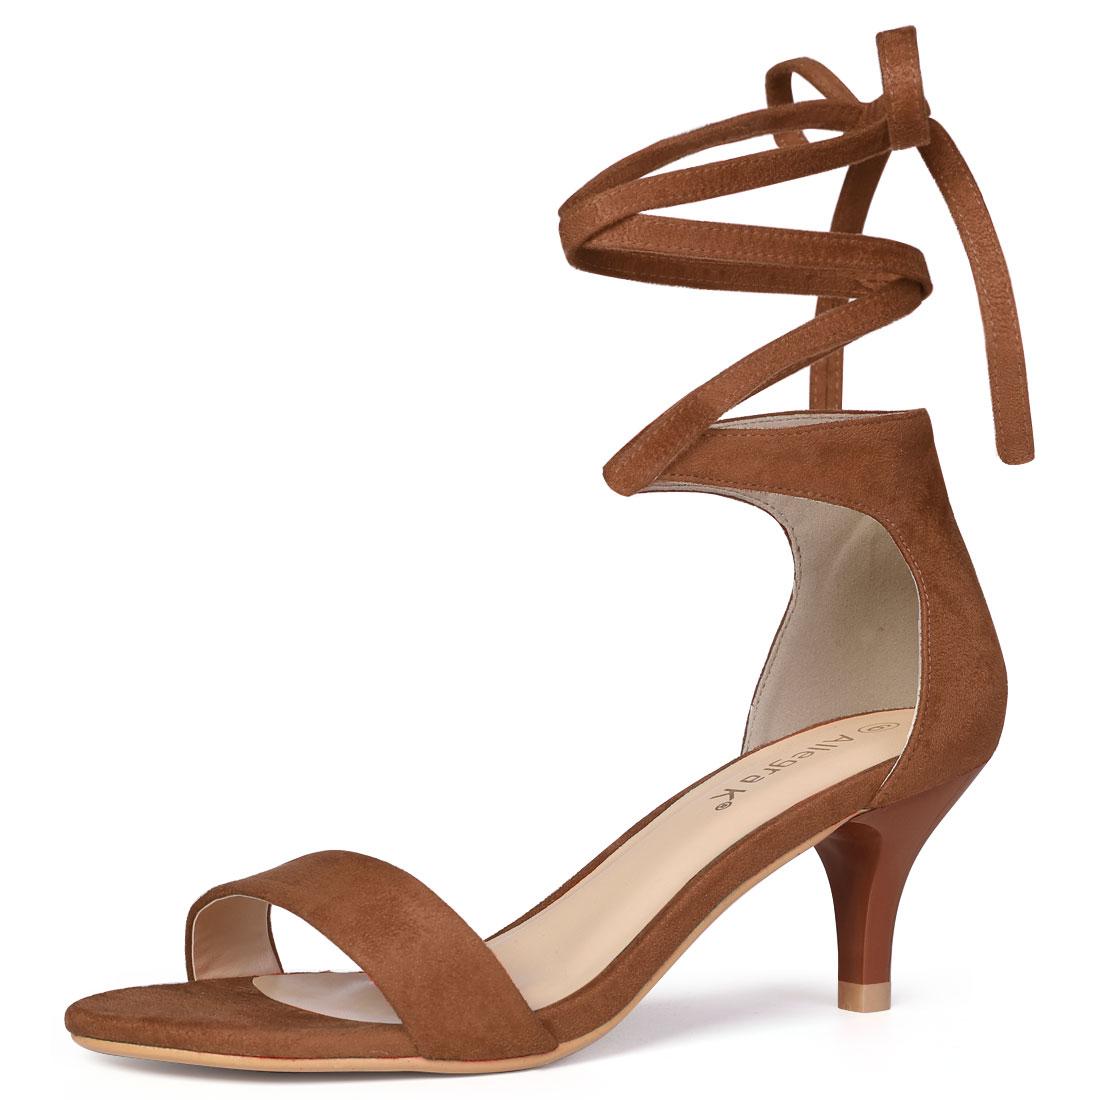 Women Open Toe Kitten Heel Lace Up Dress Sandals Brown US 9